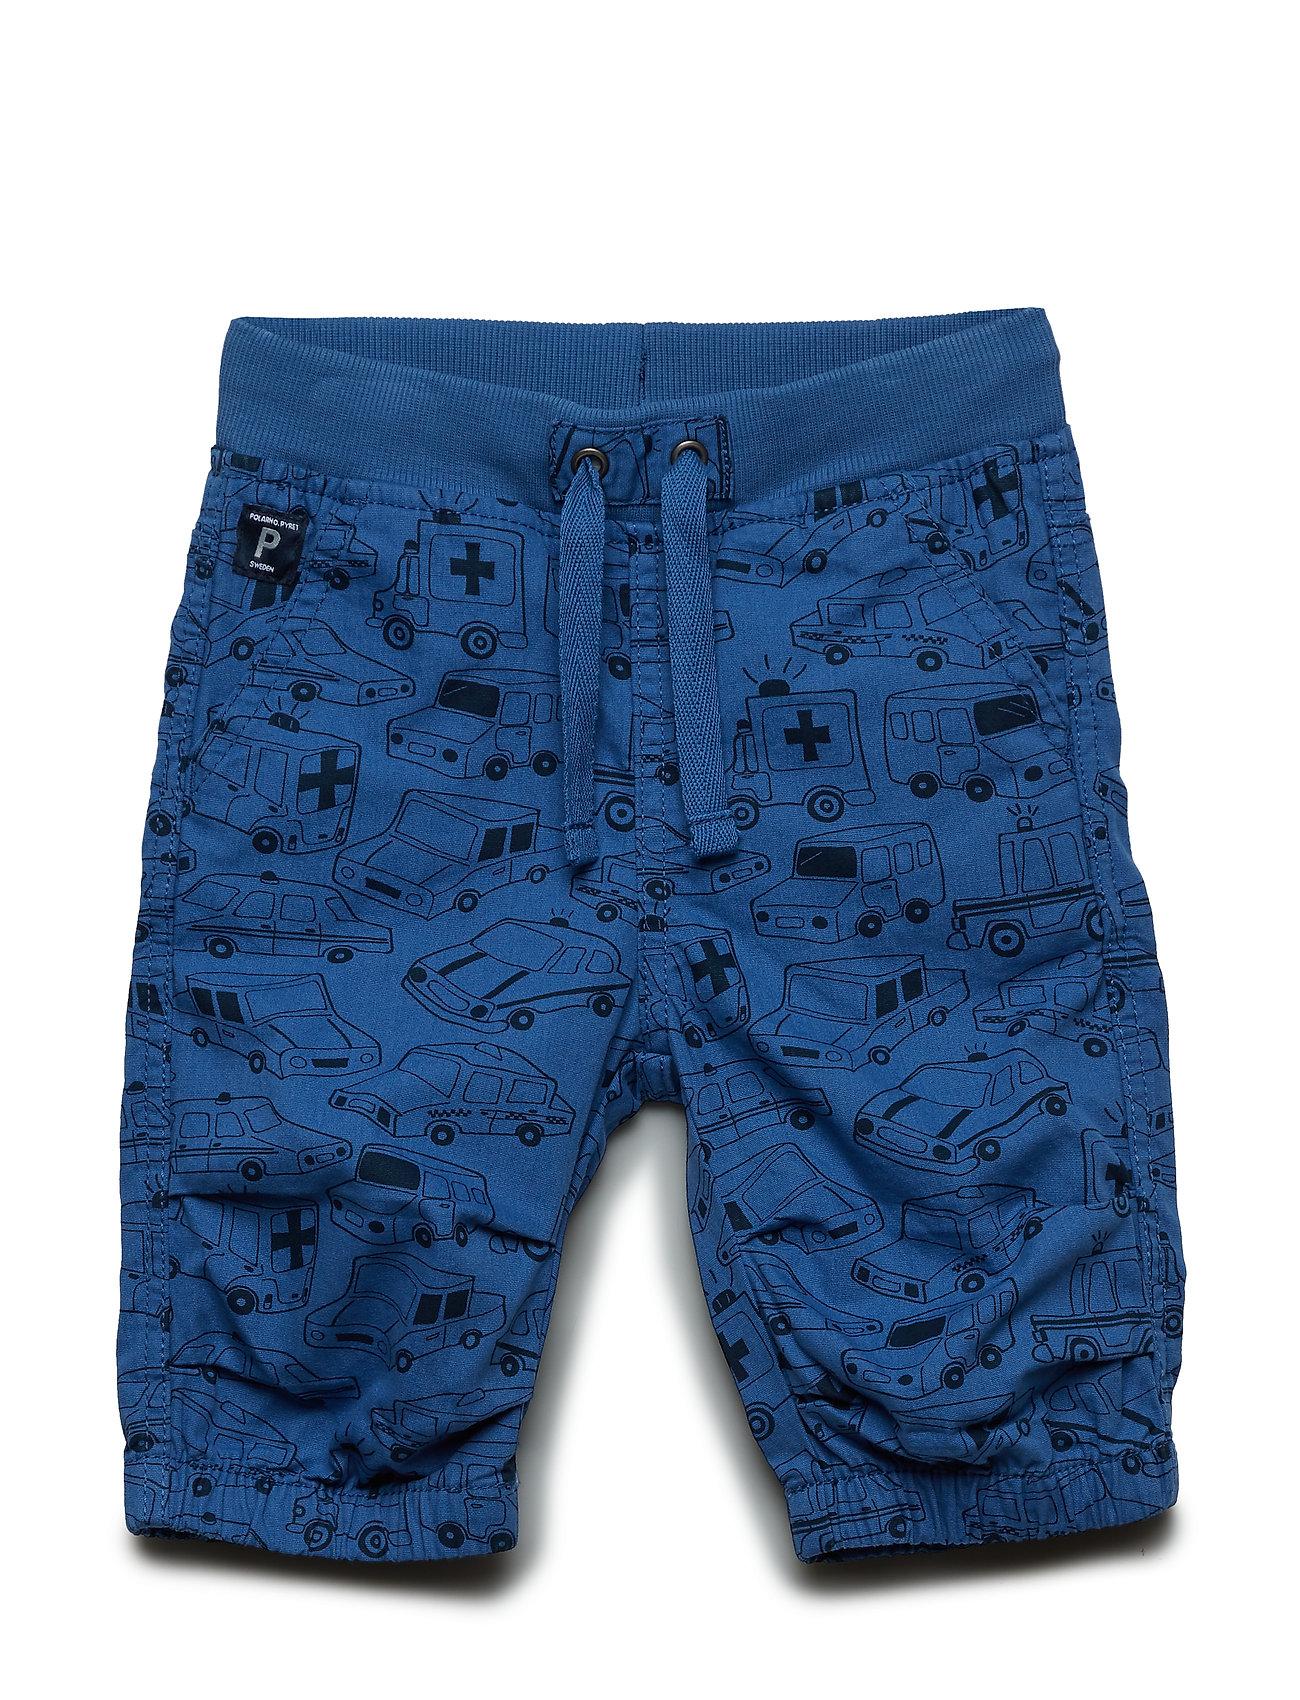 Polarn O. Pyret Shorts Woven AOP Preschool